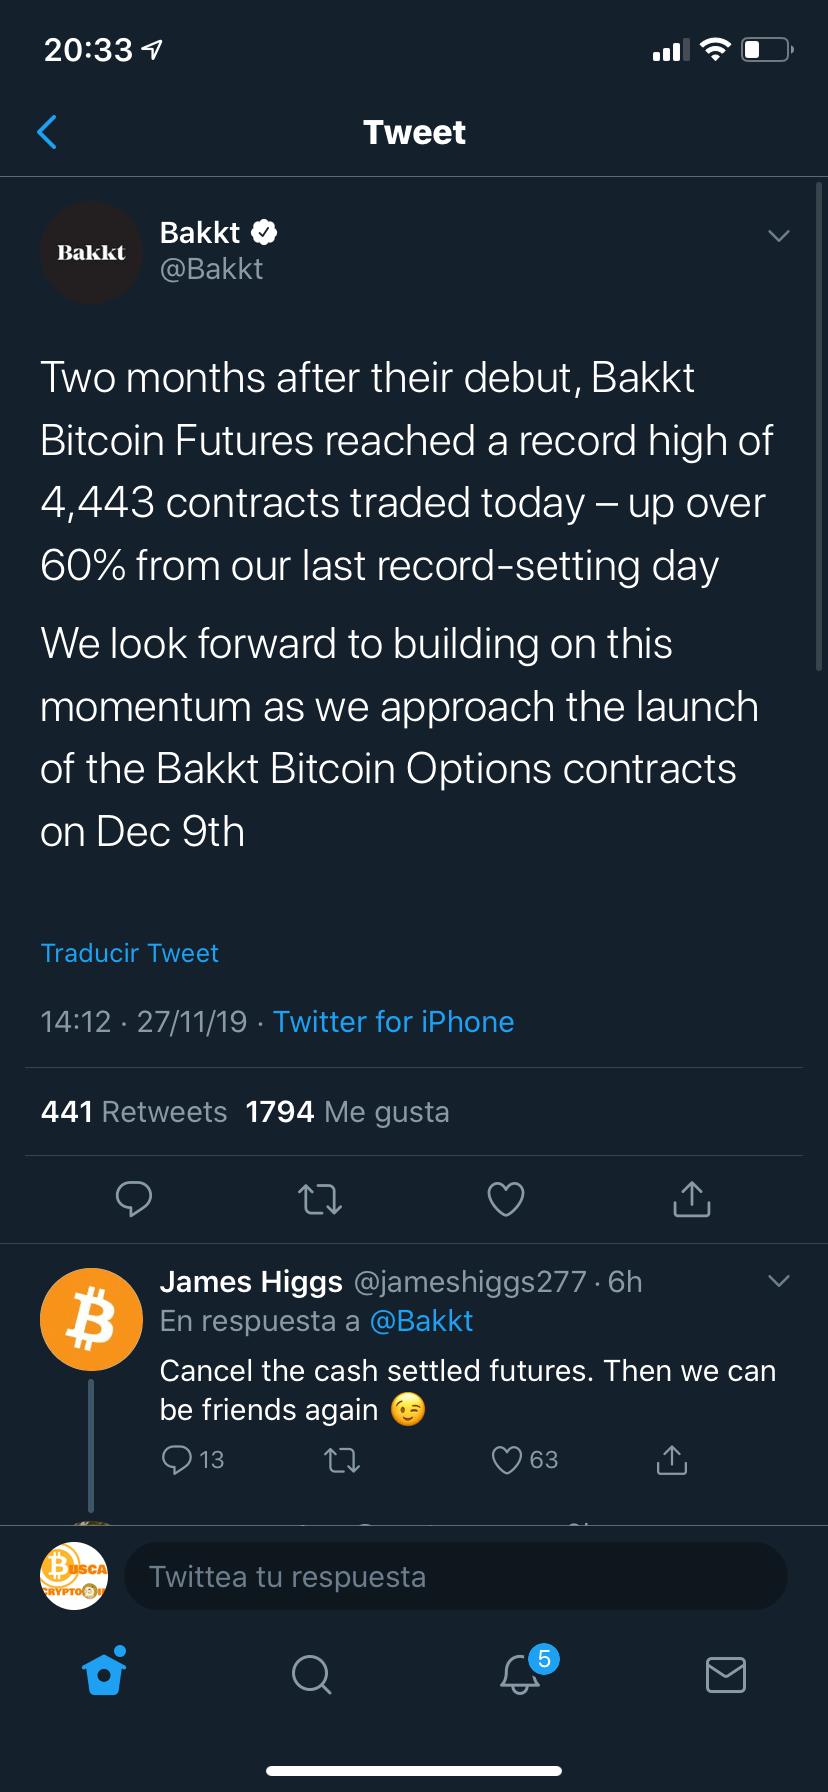 En este momento estás viendo Bakkt nuevo record en 1 dia… 66% mas que el anterior